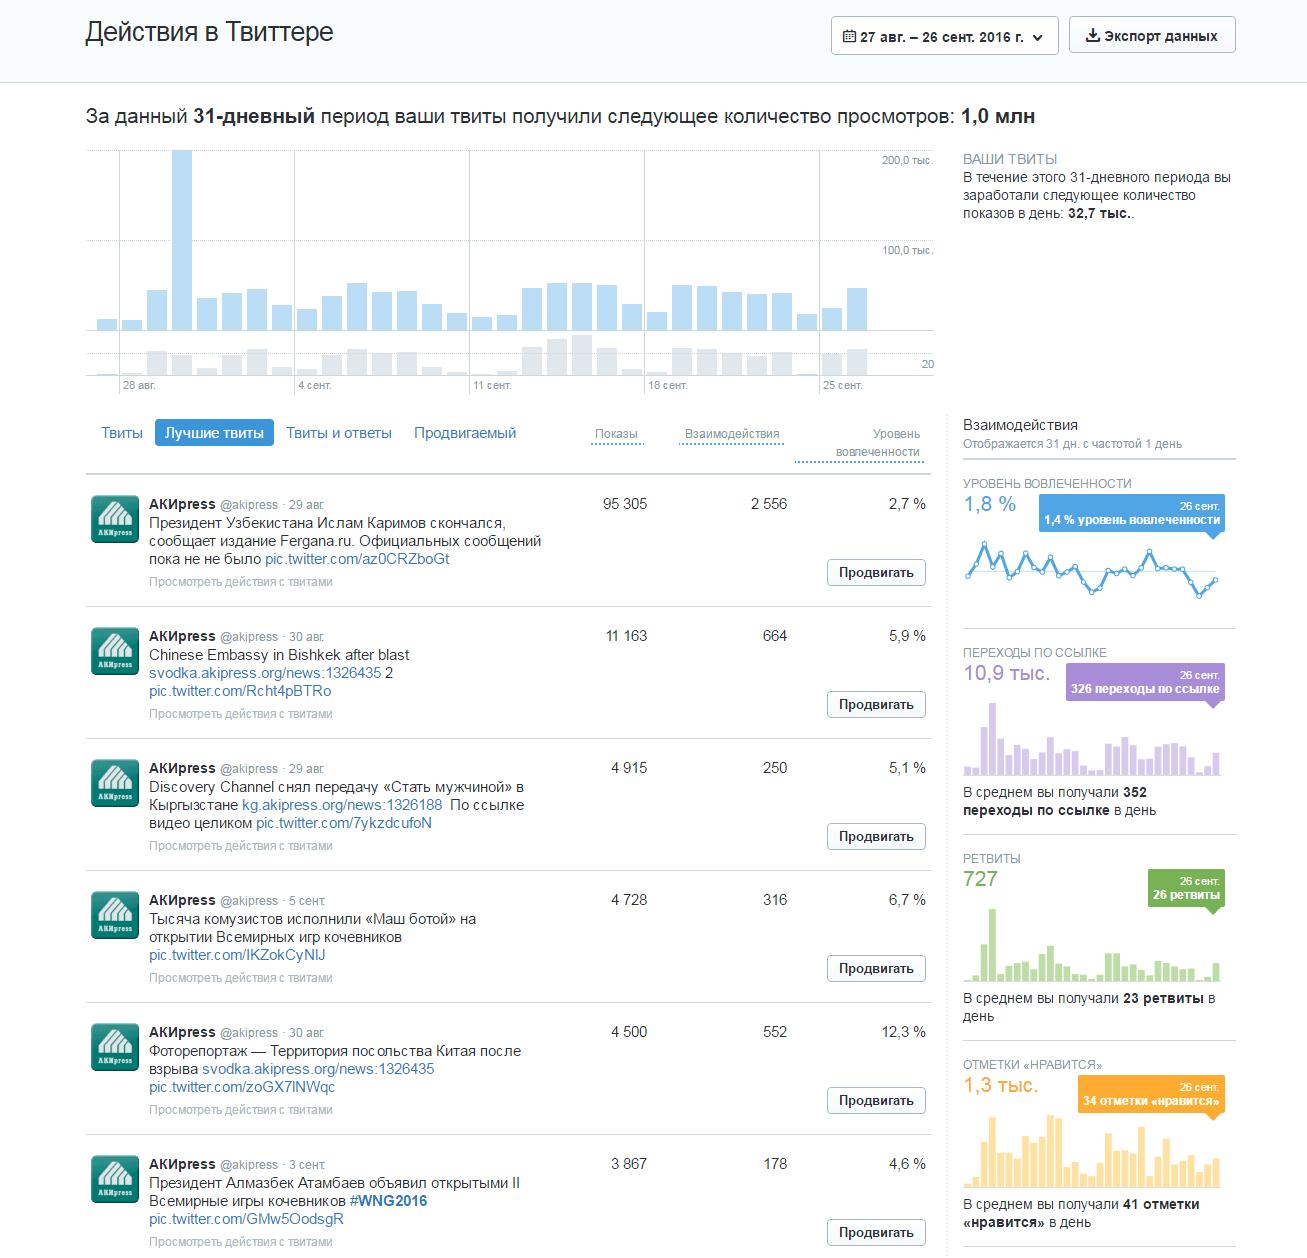 Лучшие публикации АКИpress в Twitter